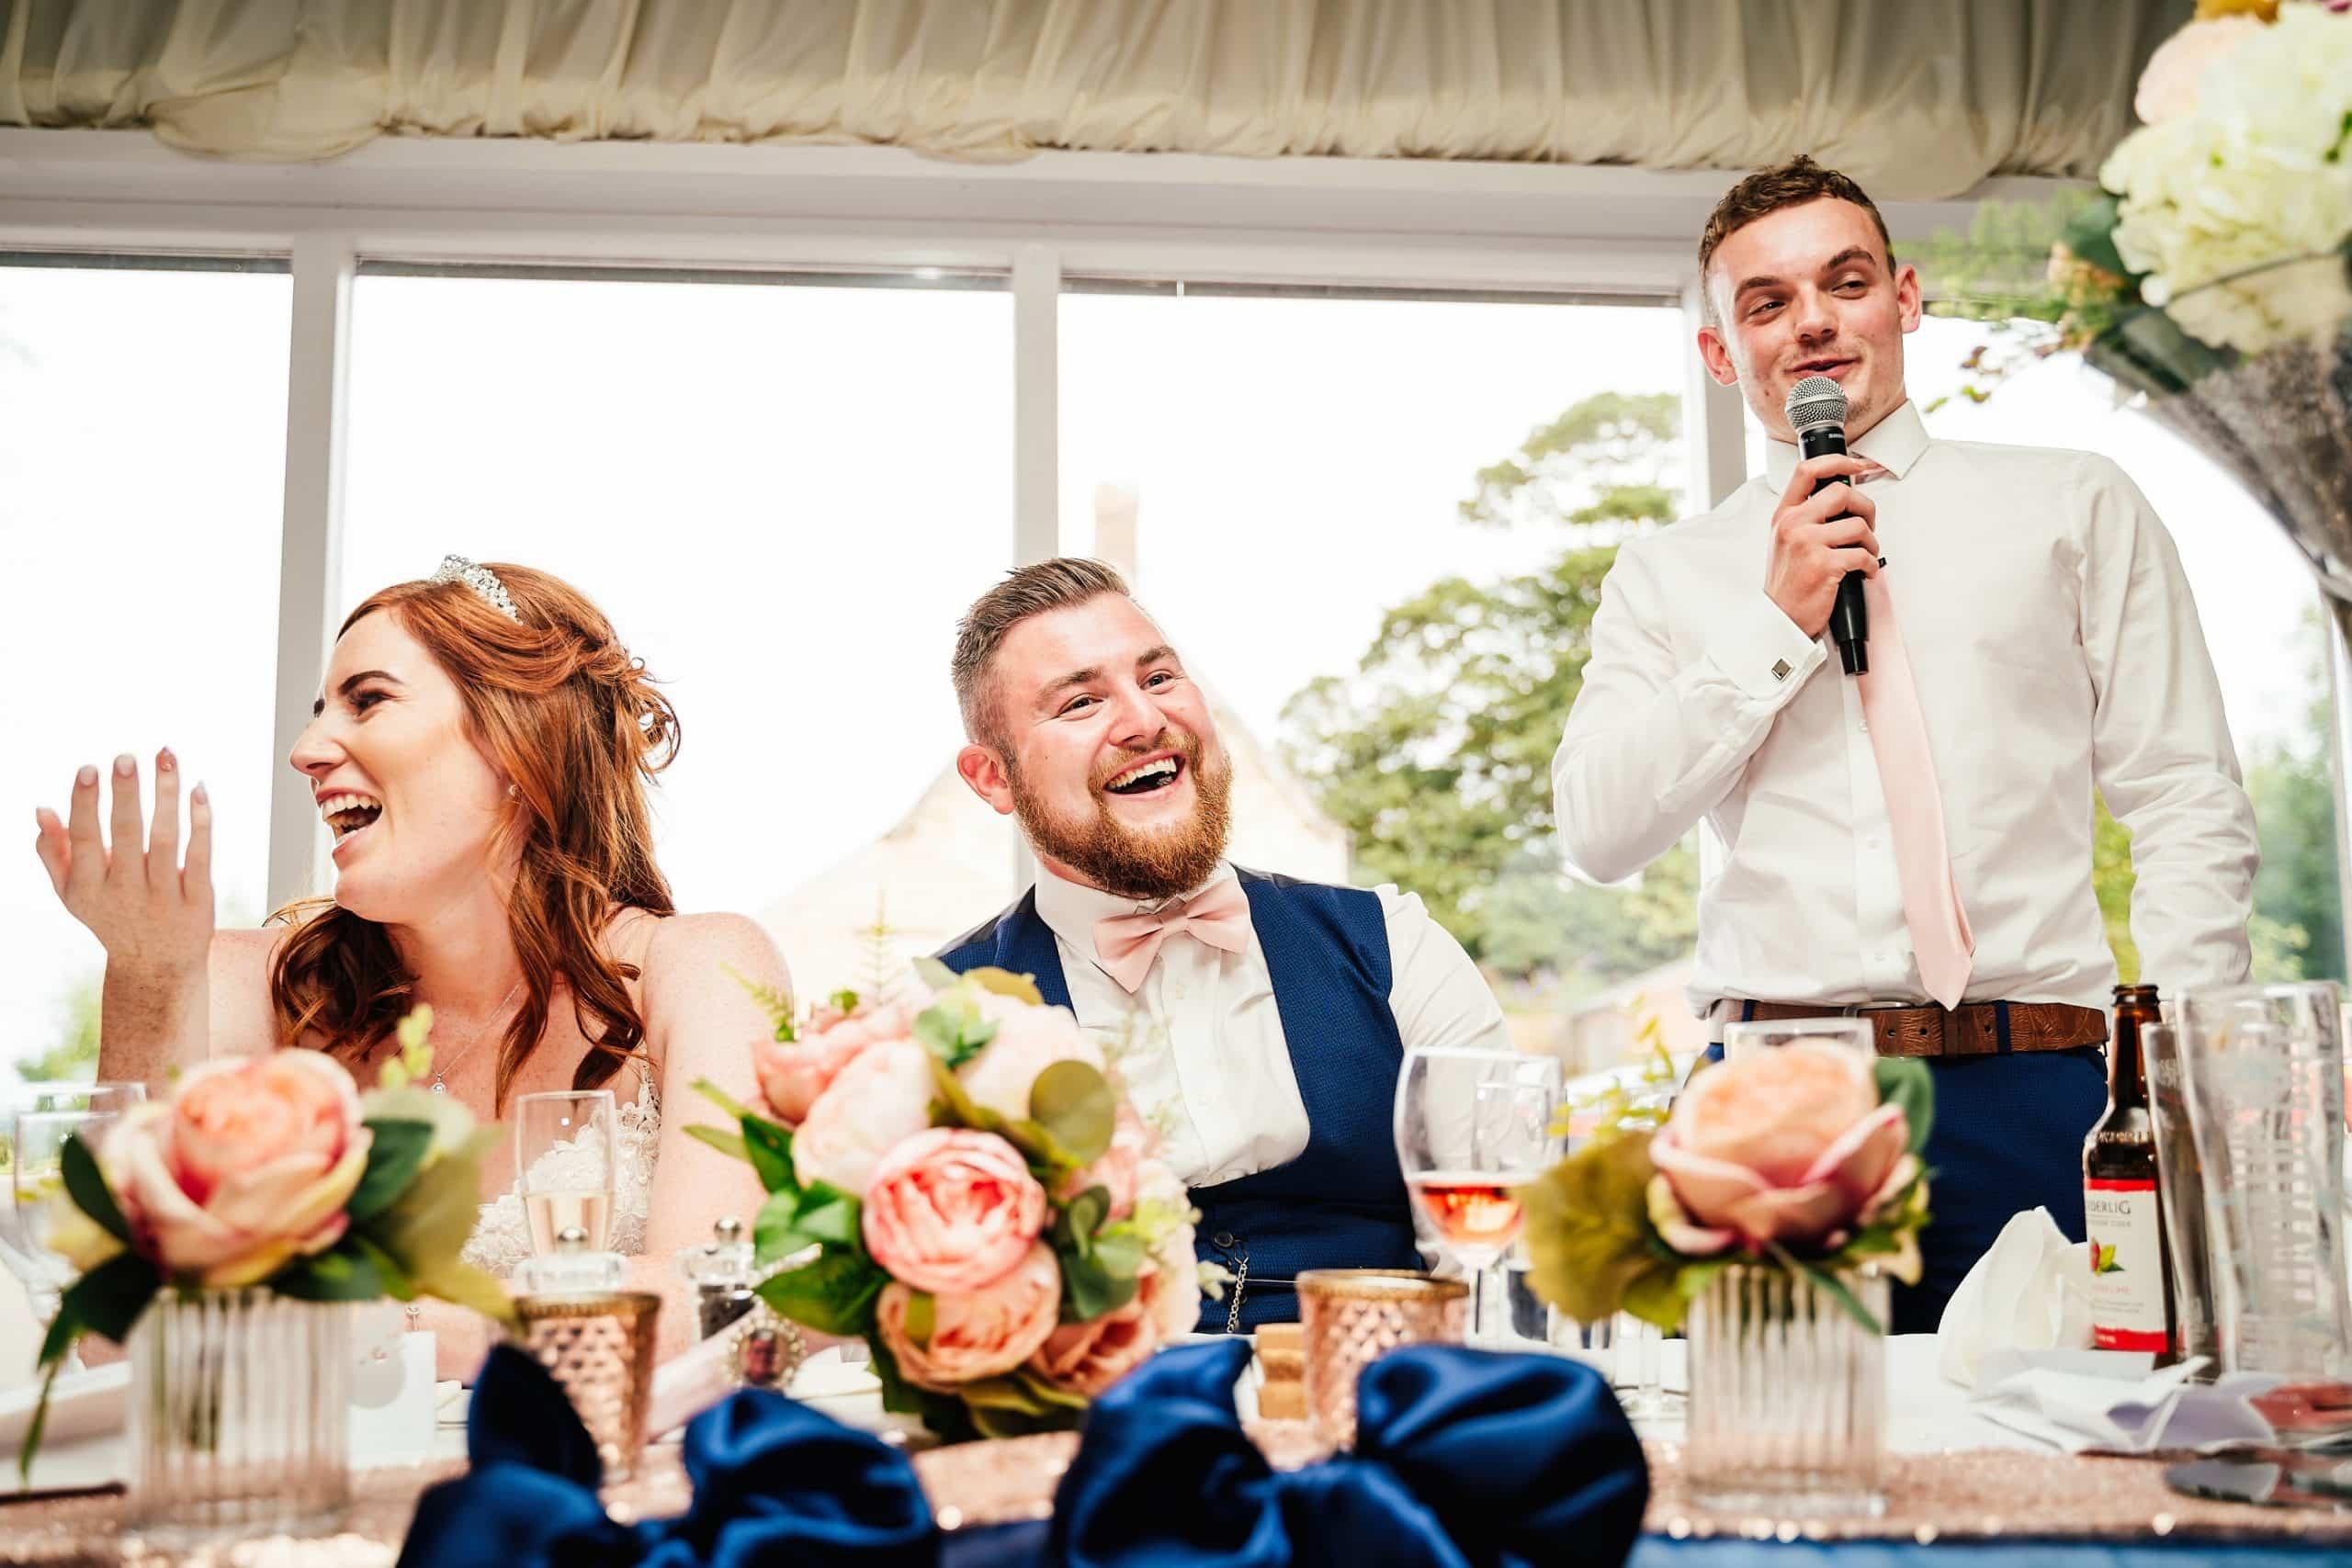 normanton-church-wedding-photography-28